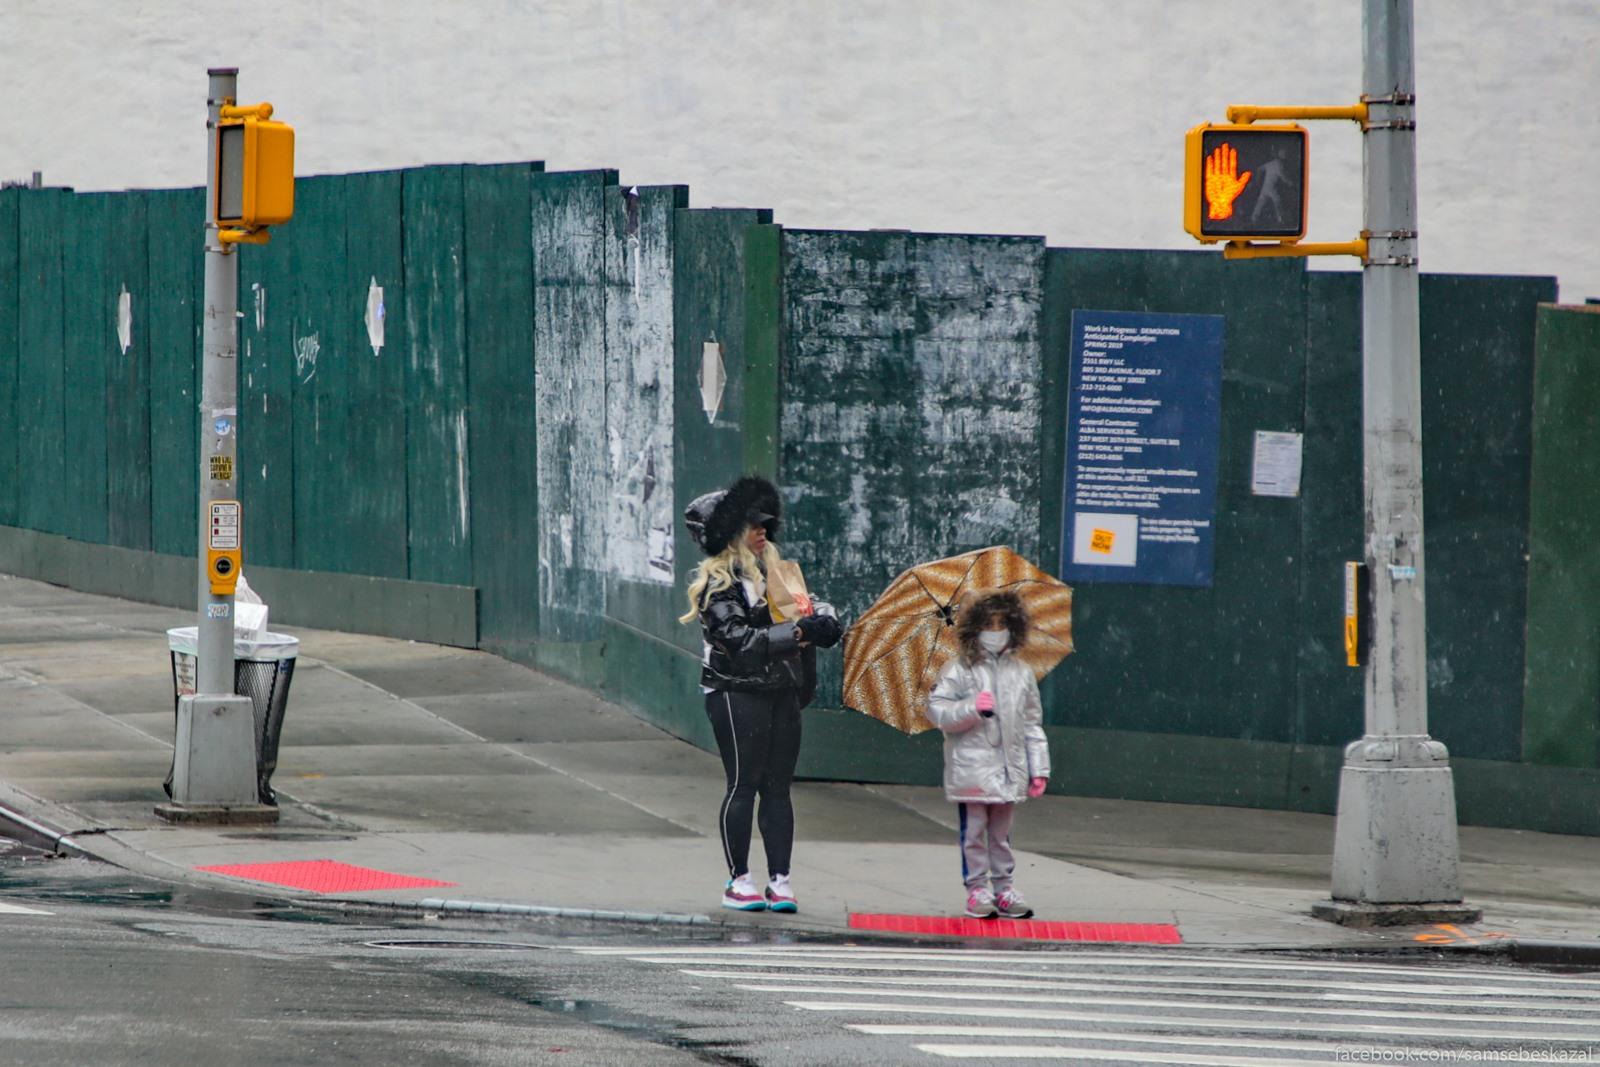 Esli vzroslye na ulicah ese vstrecautsa, to detej pocti ne vidno.